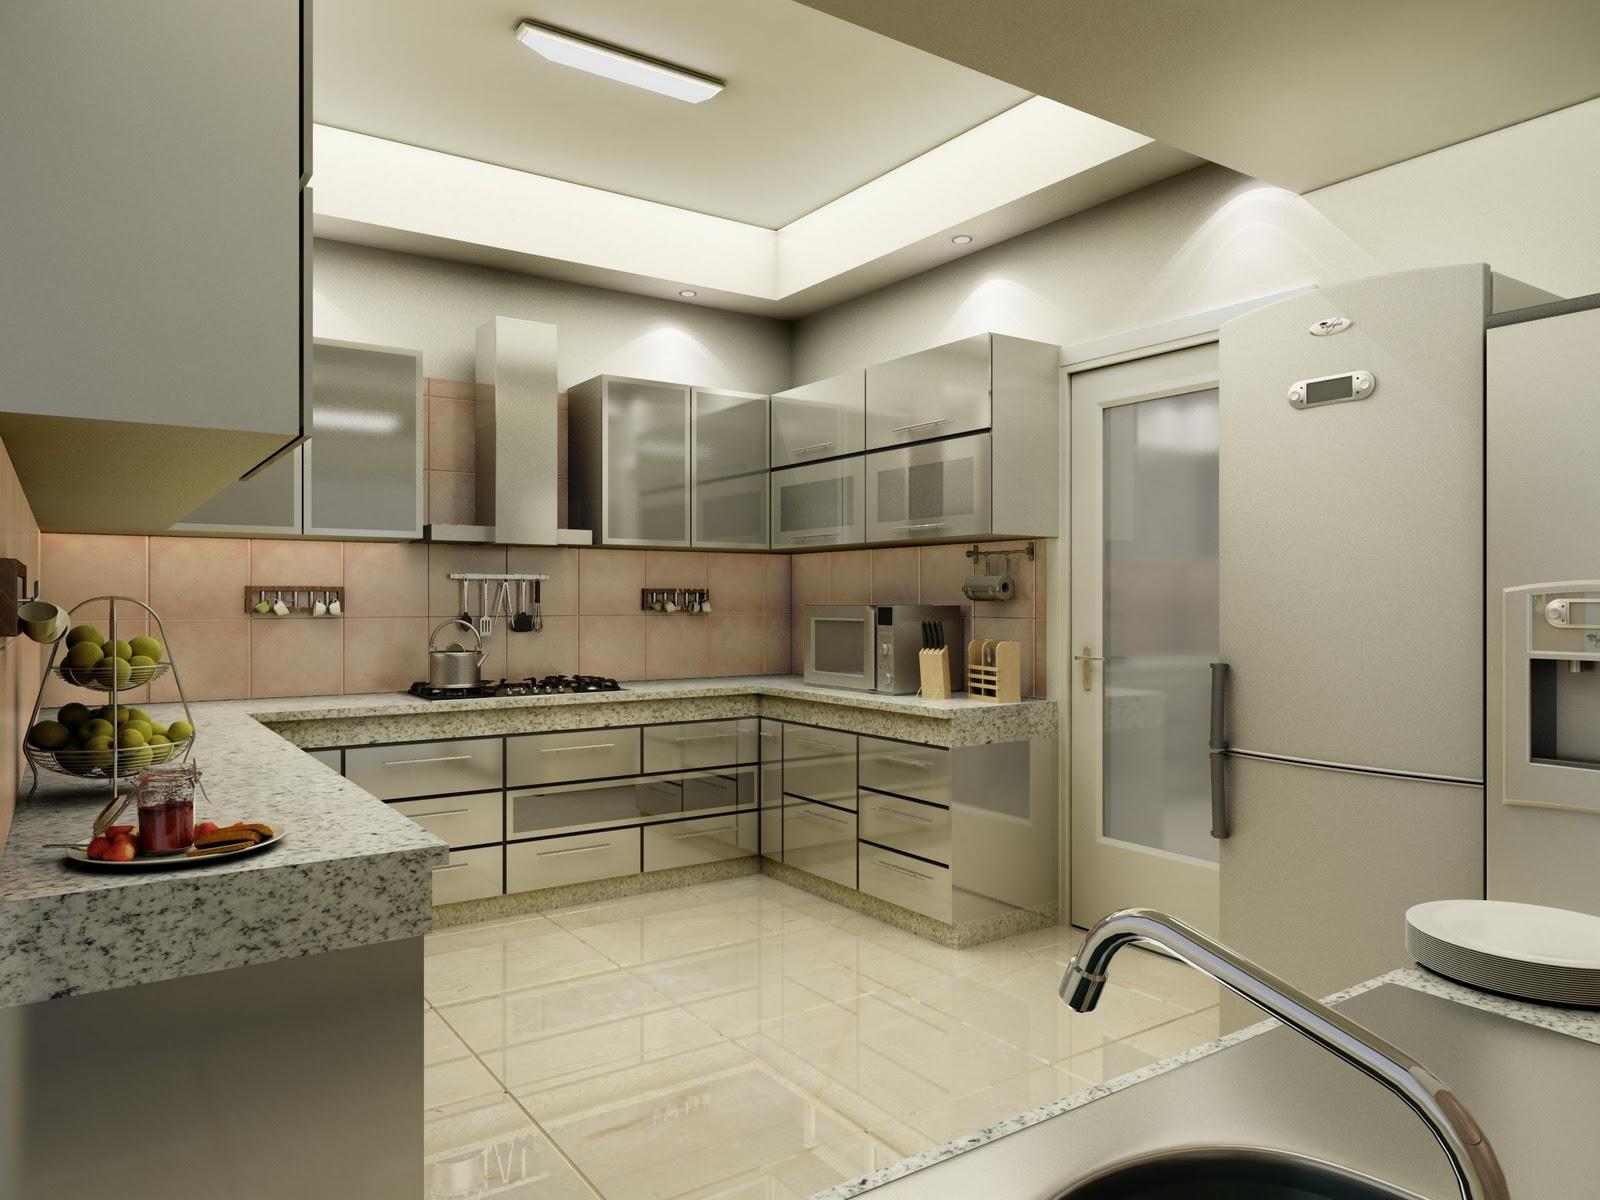 Kitchen Sinks Planen : Planen